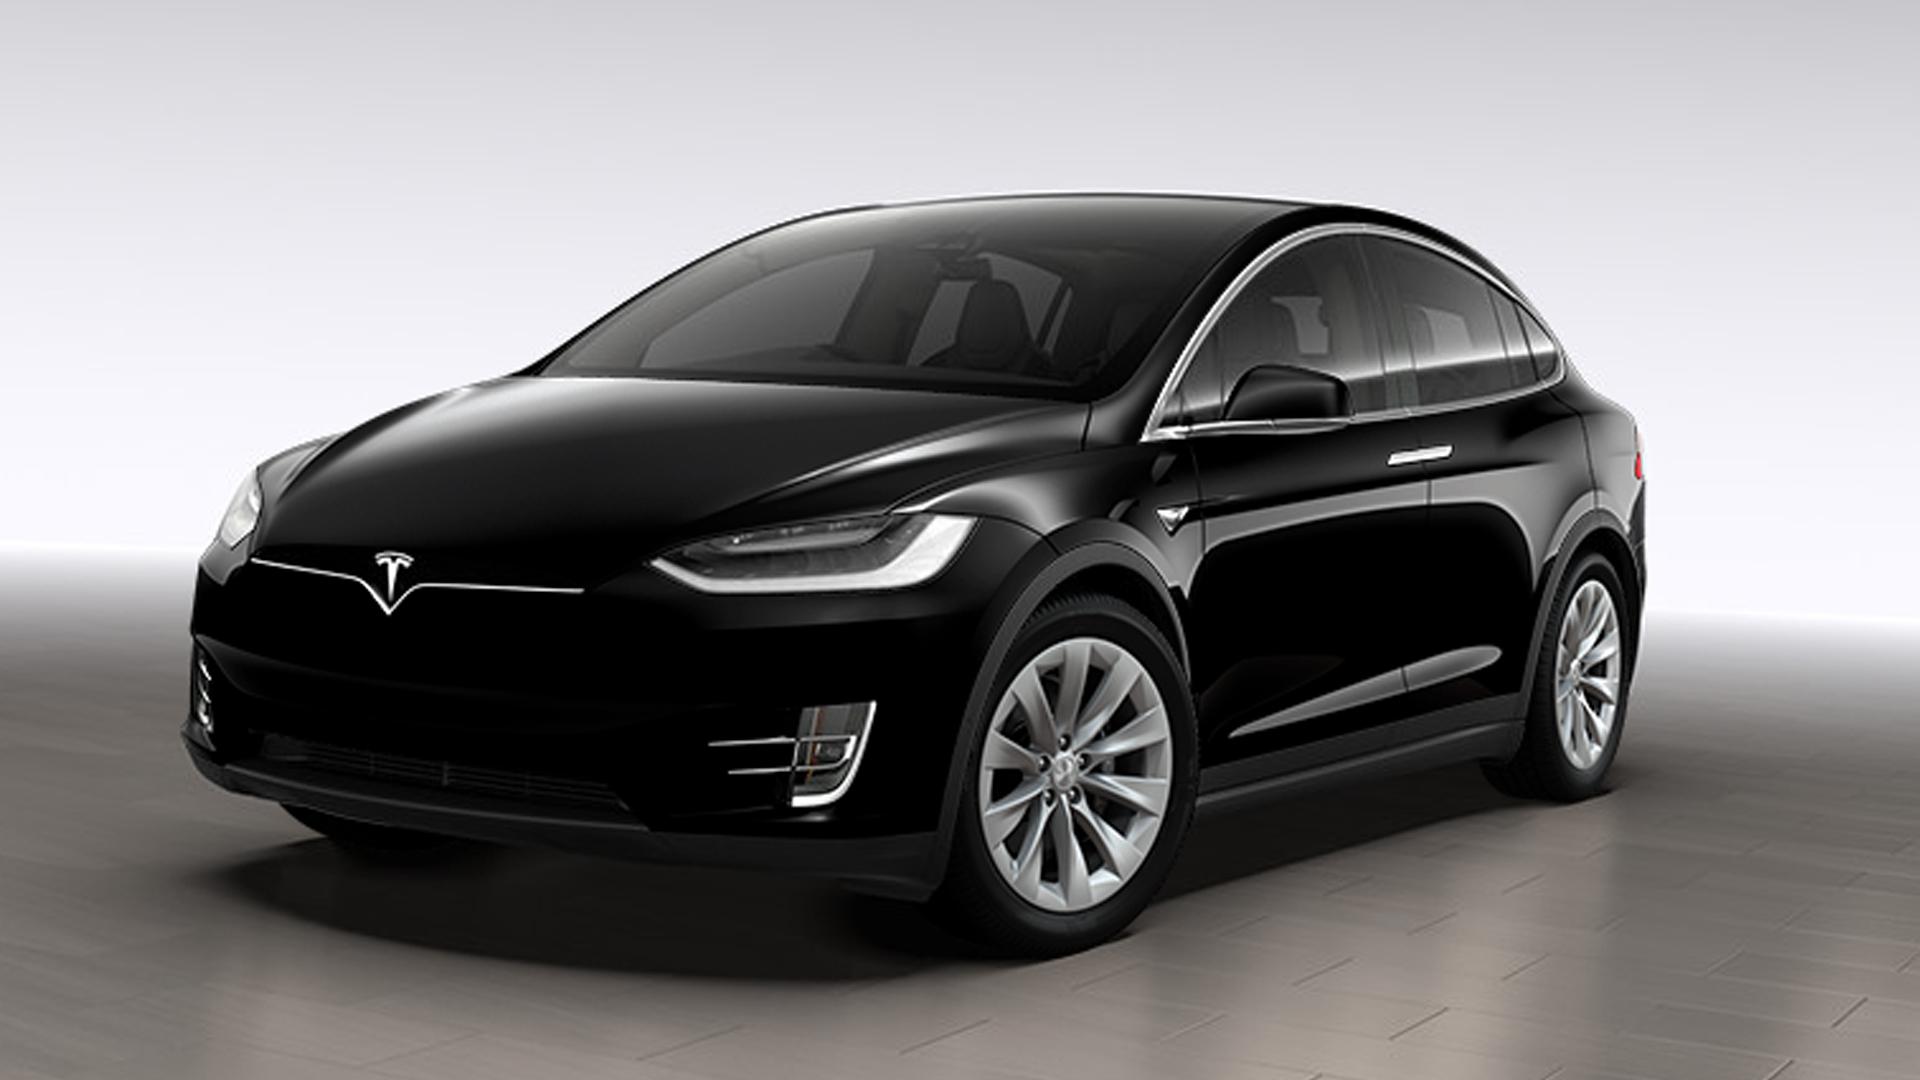 Tesla Model X 2018 P100D Exterior Car Photos - Overdrive